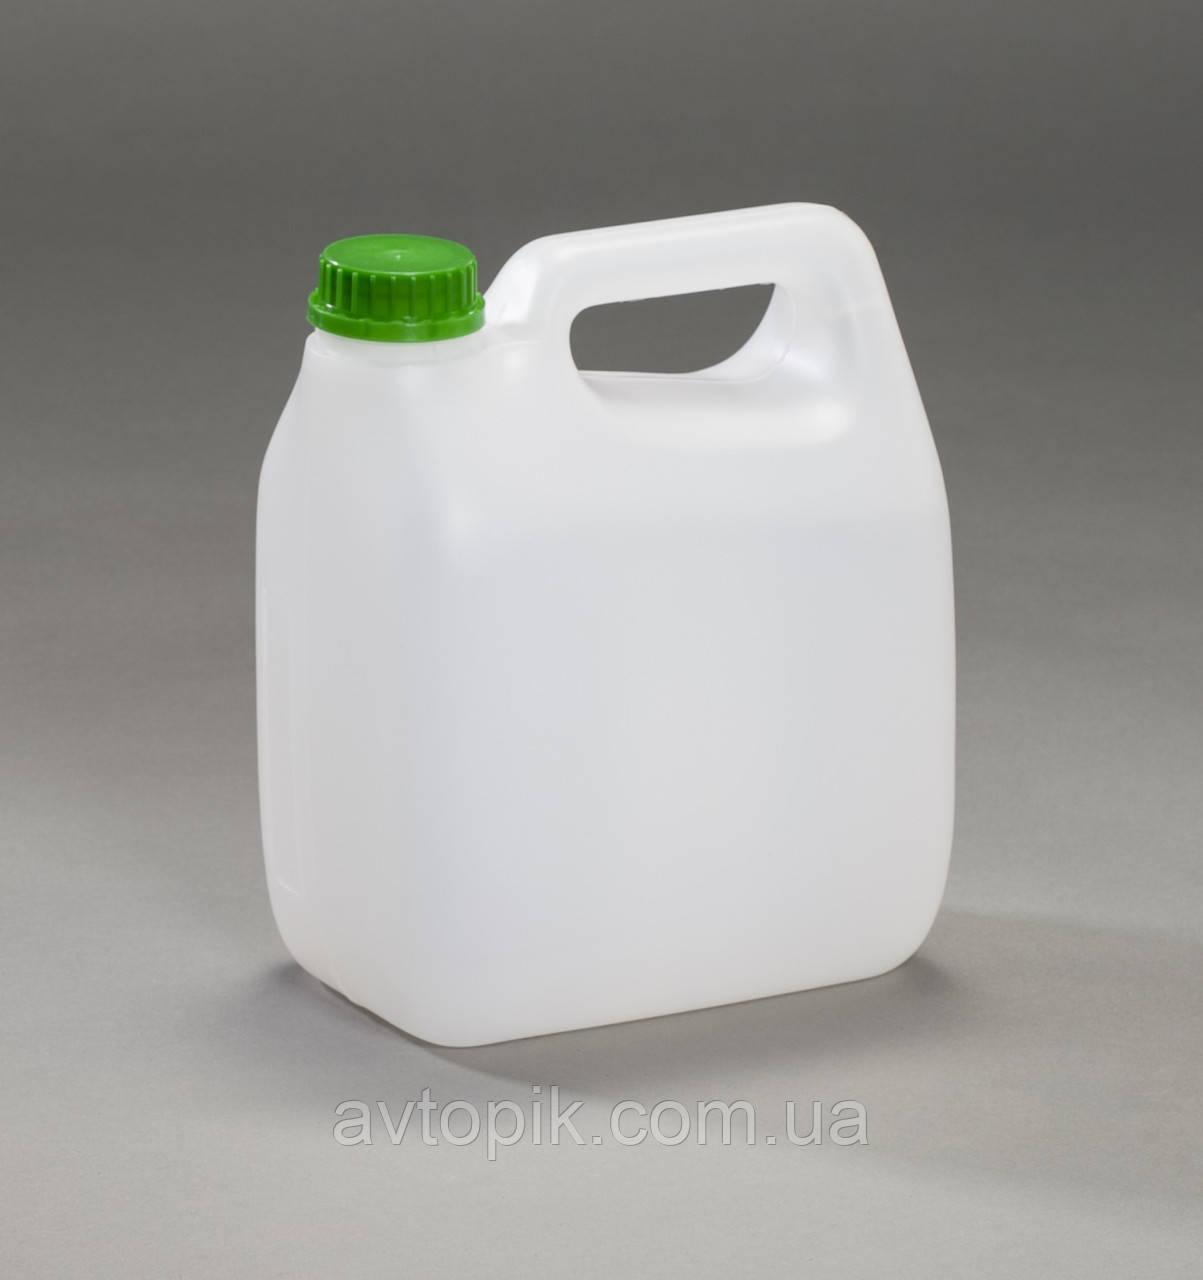 forsage Жидкость для омывания стекол зимняя -15° Forsage-20 5л (ПЭТ) V-10758